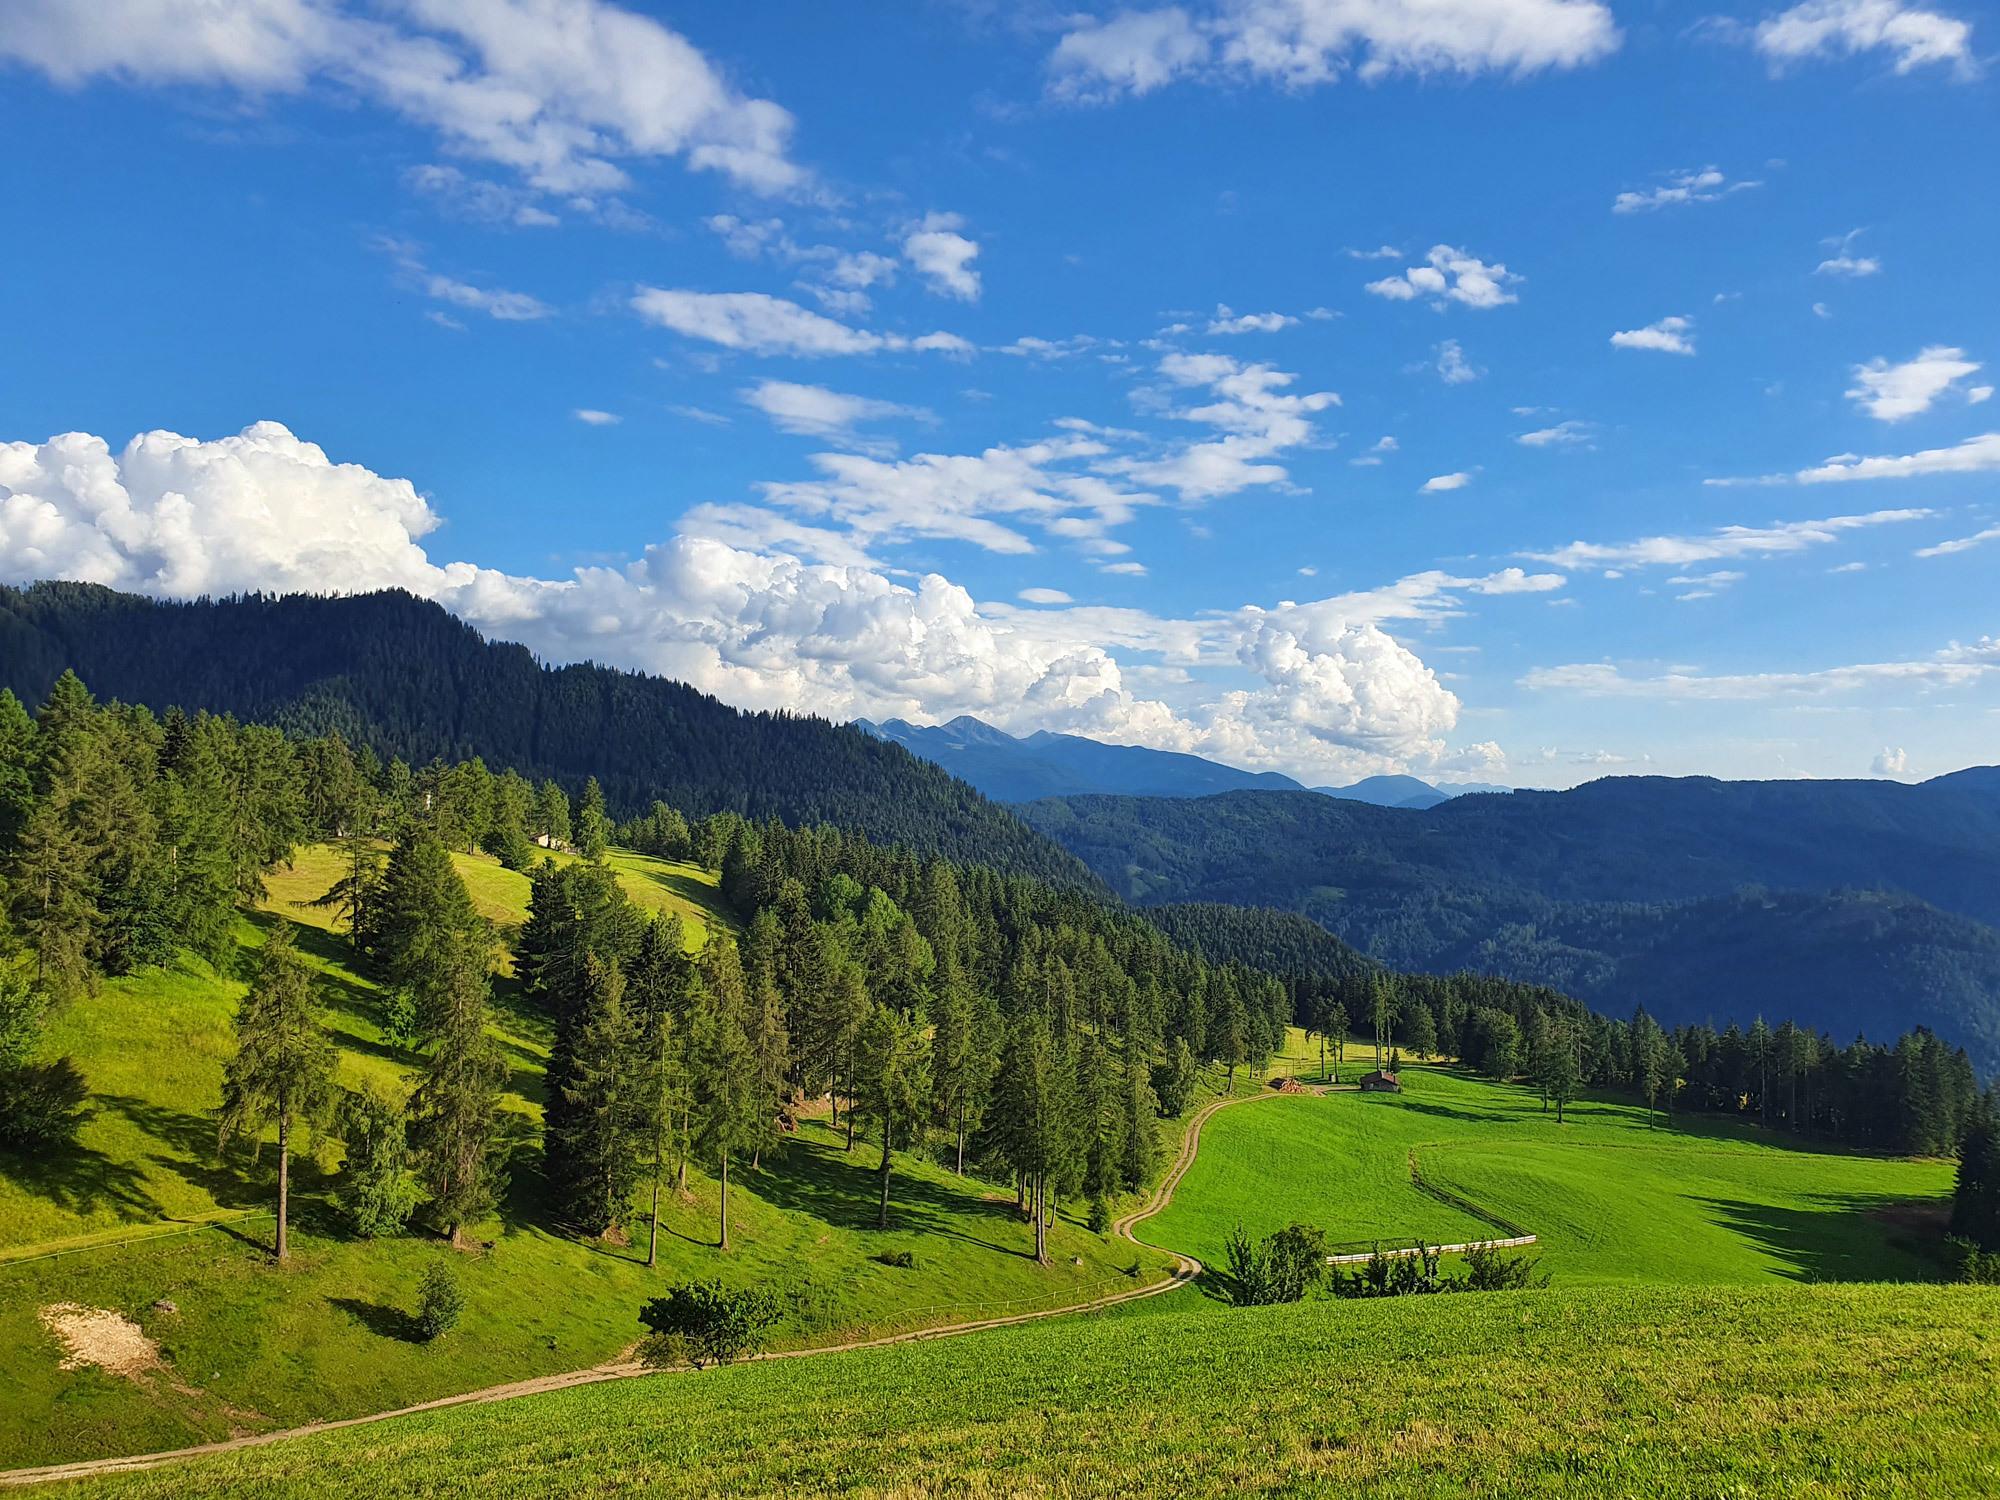 Saftige grüne Wiesen und blauer Himmel machen einen perfekten Sommertag. Foto: Claudia Simone Hoff